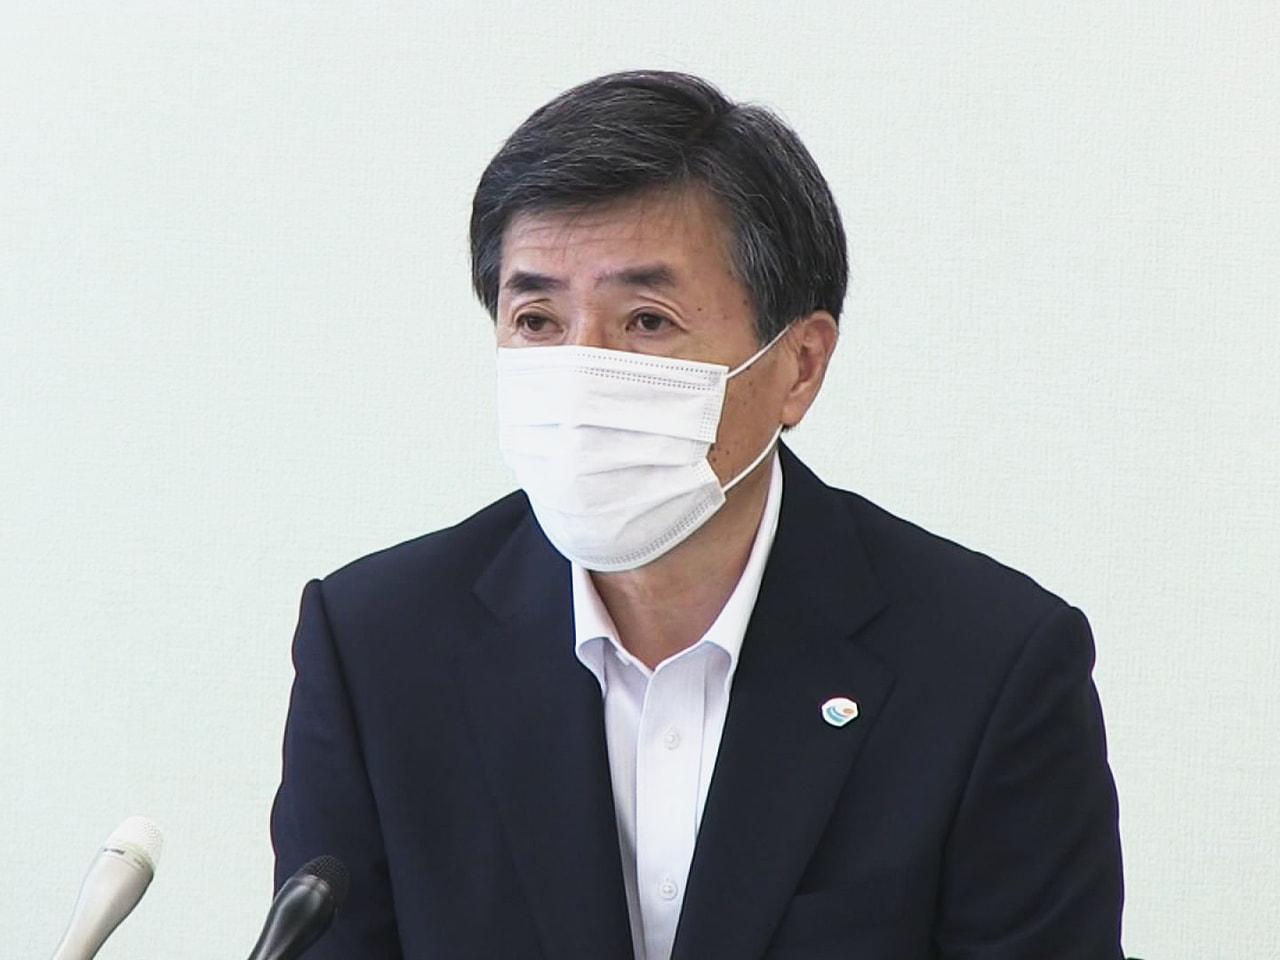 岐阜県下呂市は13日、山内登市長(63)が4月末に、医療従事者向けの新型コロナウ...